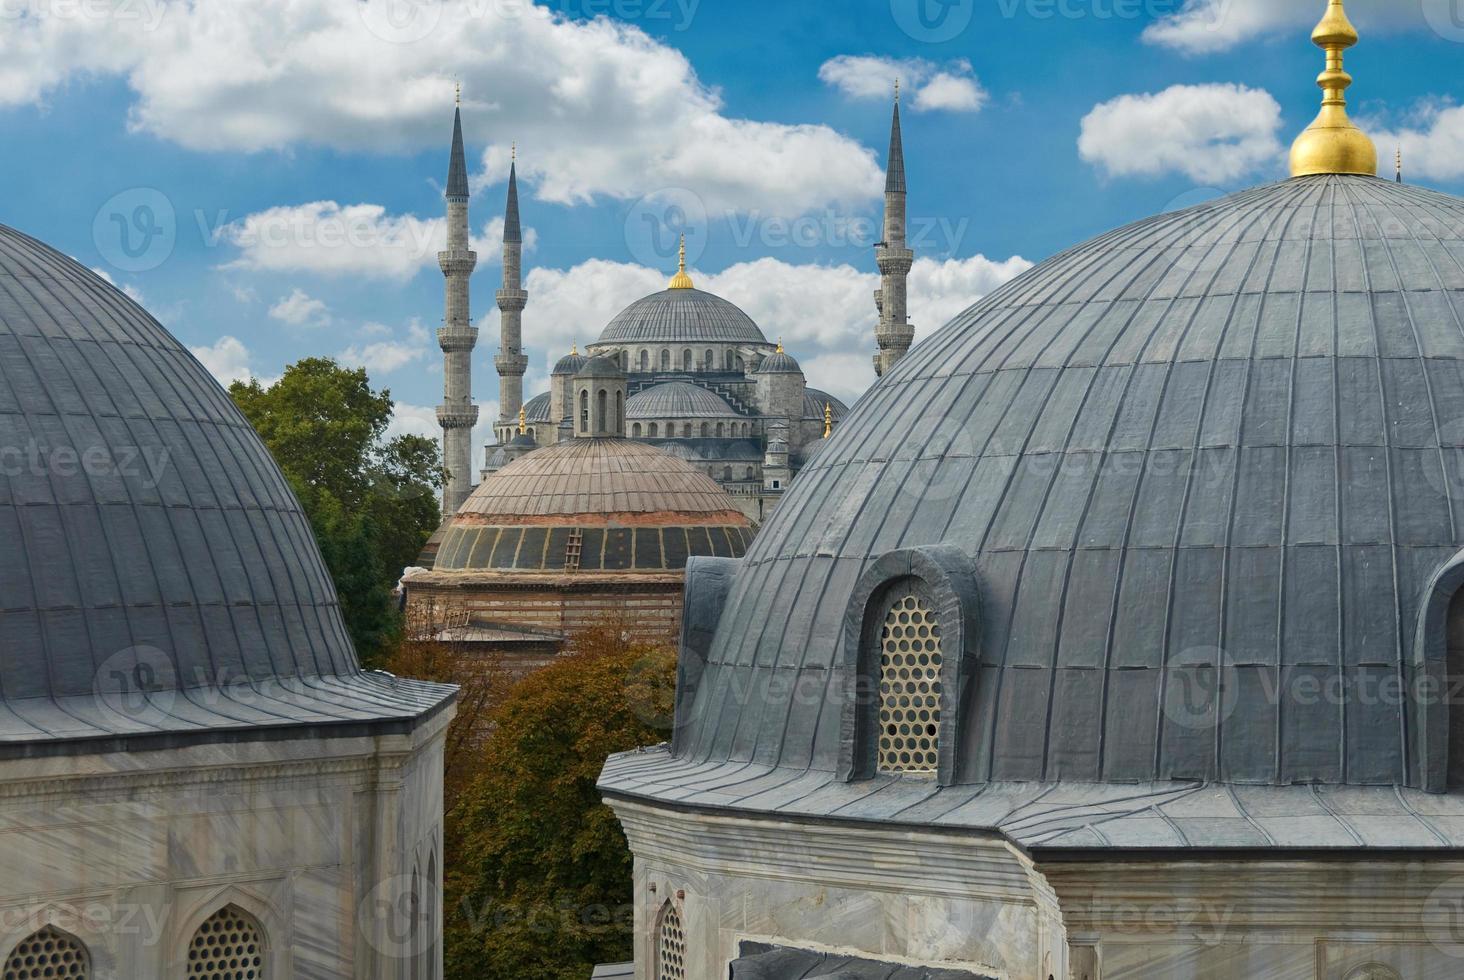 blaue Moschee in Istanbul erschossen von Hagia Sophia, Truthahn foto